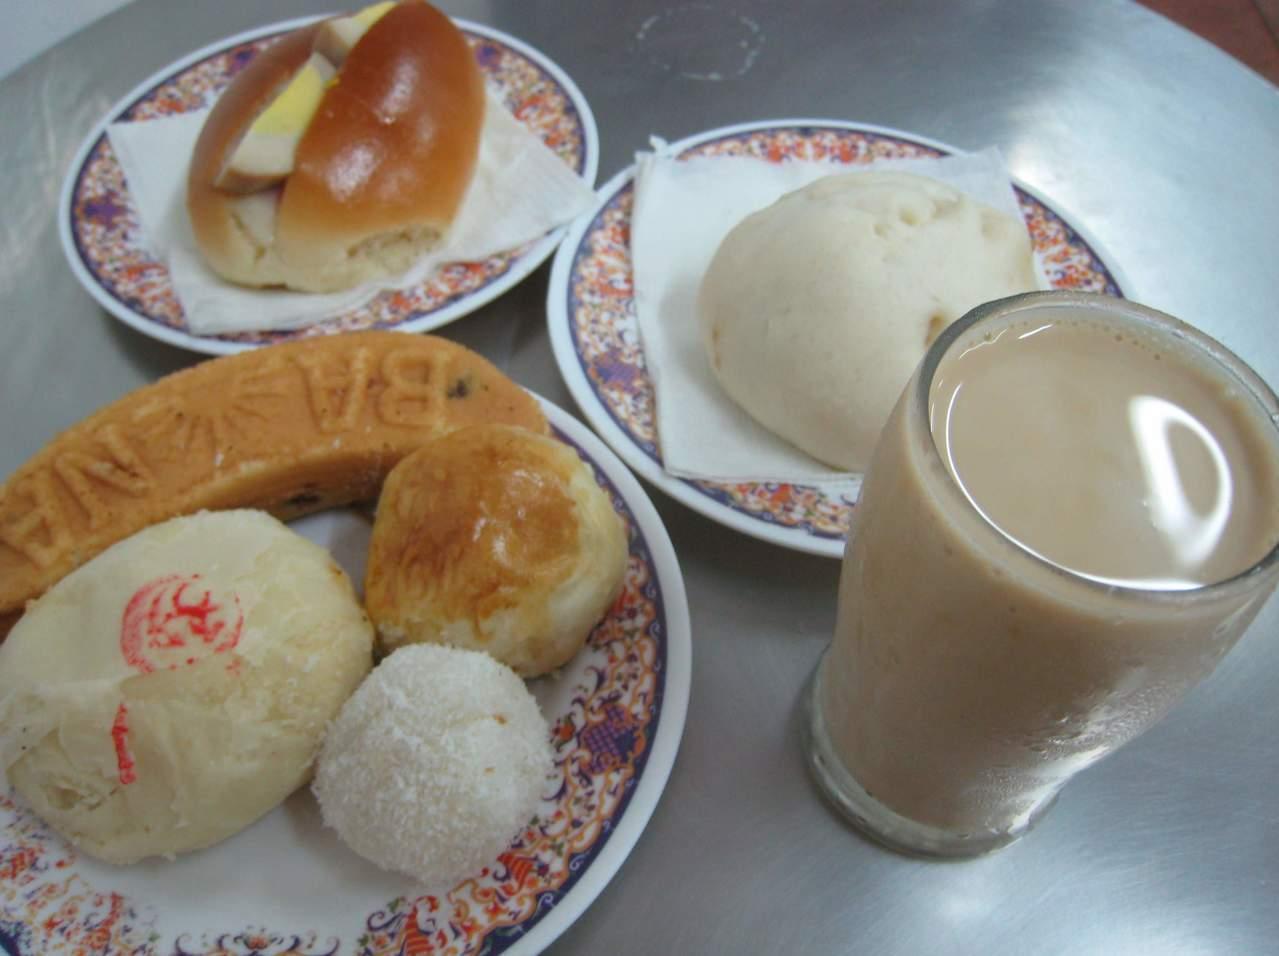 老江紅茶牛奶搭配傳統點心,是許多老顧客最愛。記者張信宏/攝影